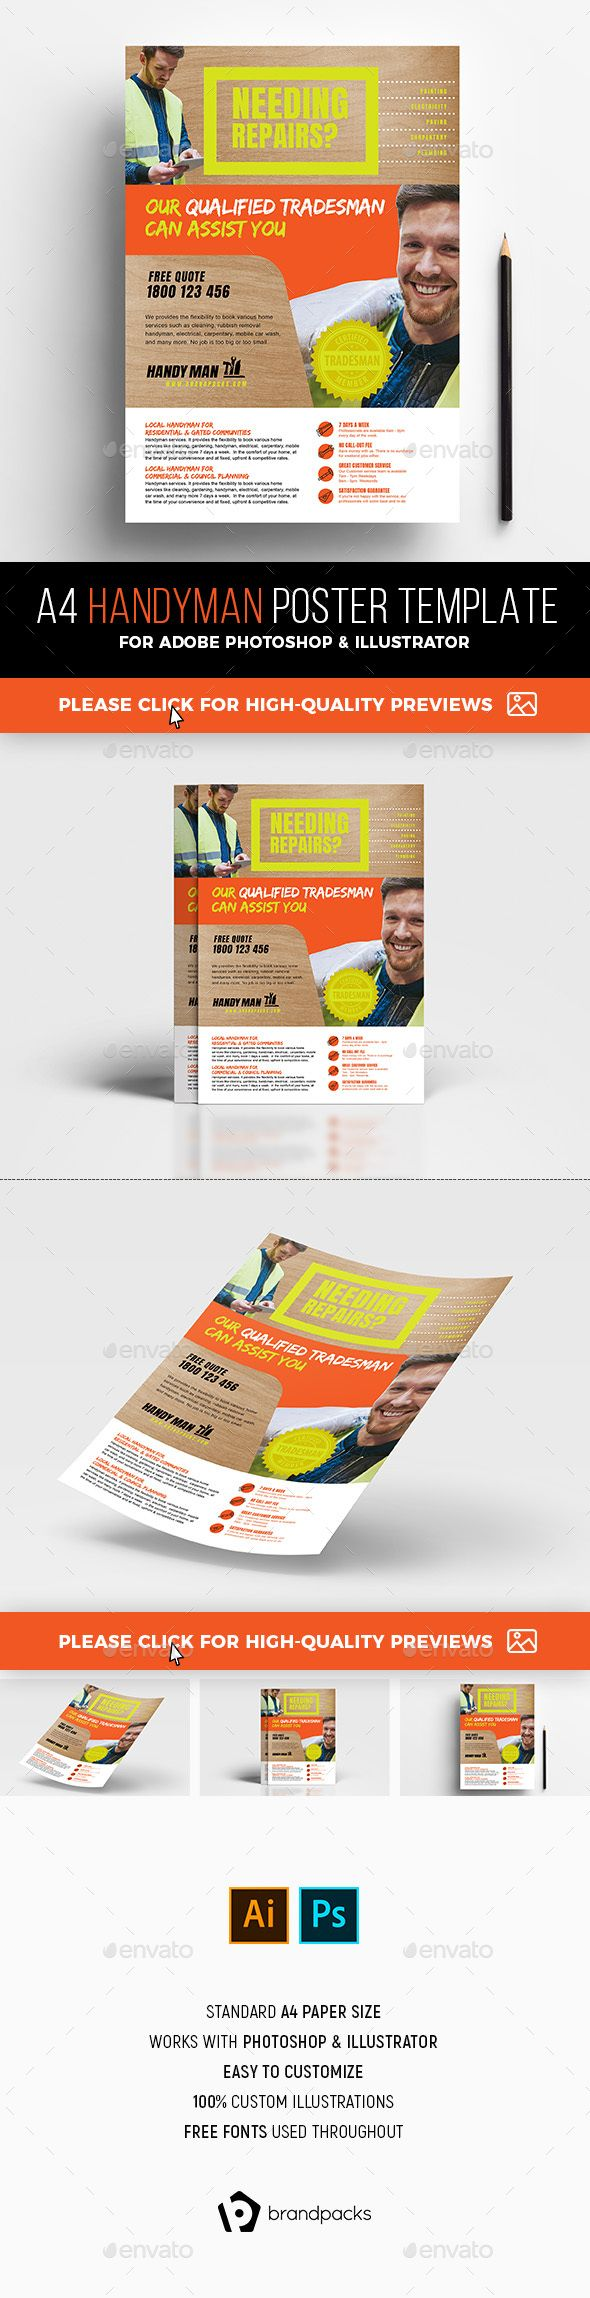 A4 Handyman Advertisement Template